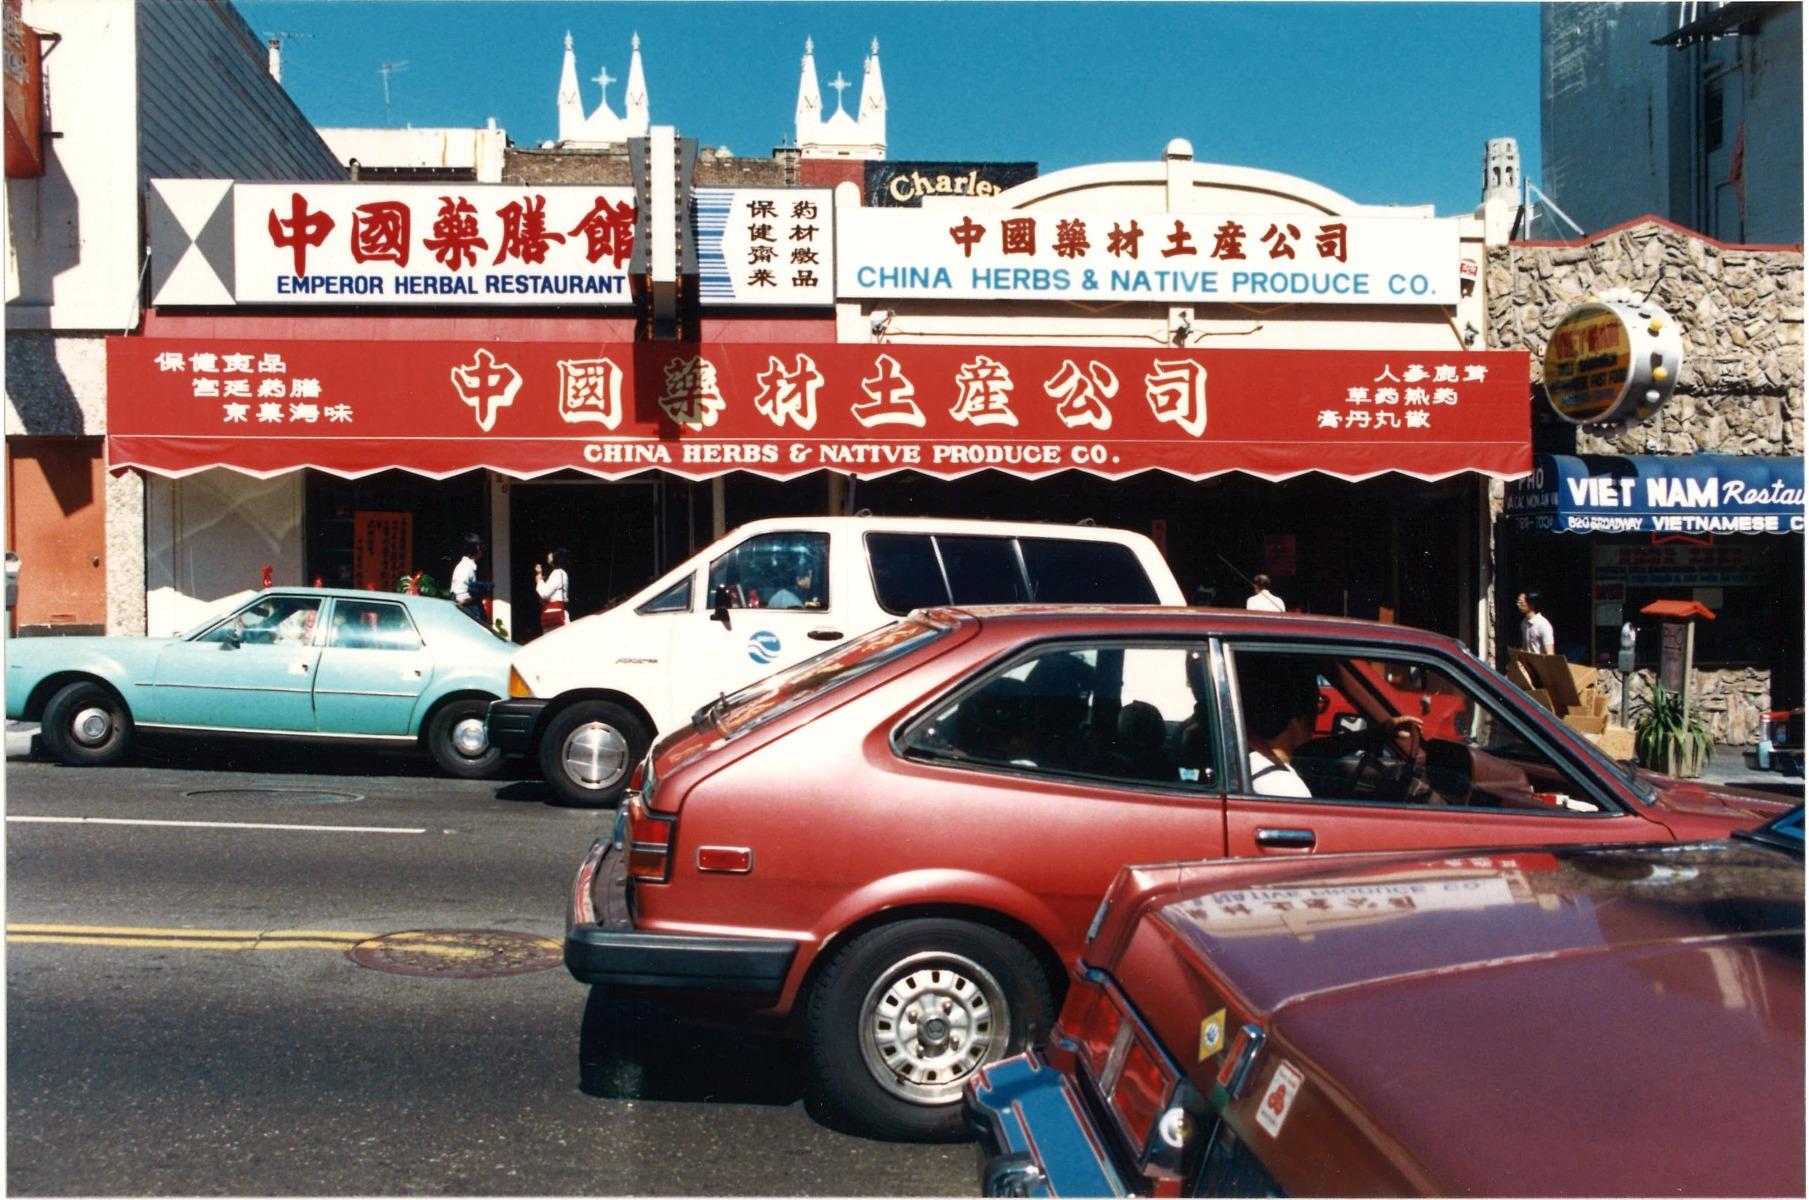 San Francisco Chinatown Mayway Herb Shop